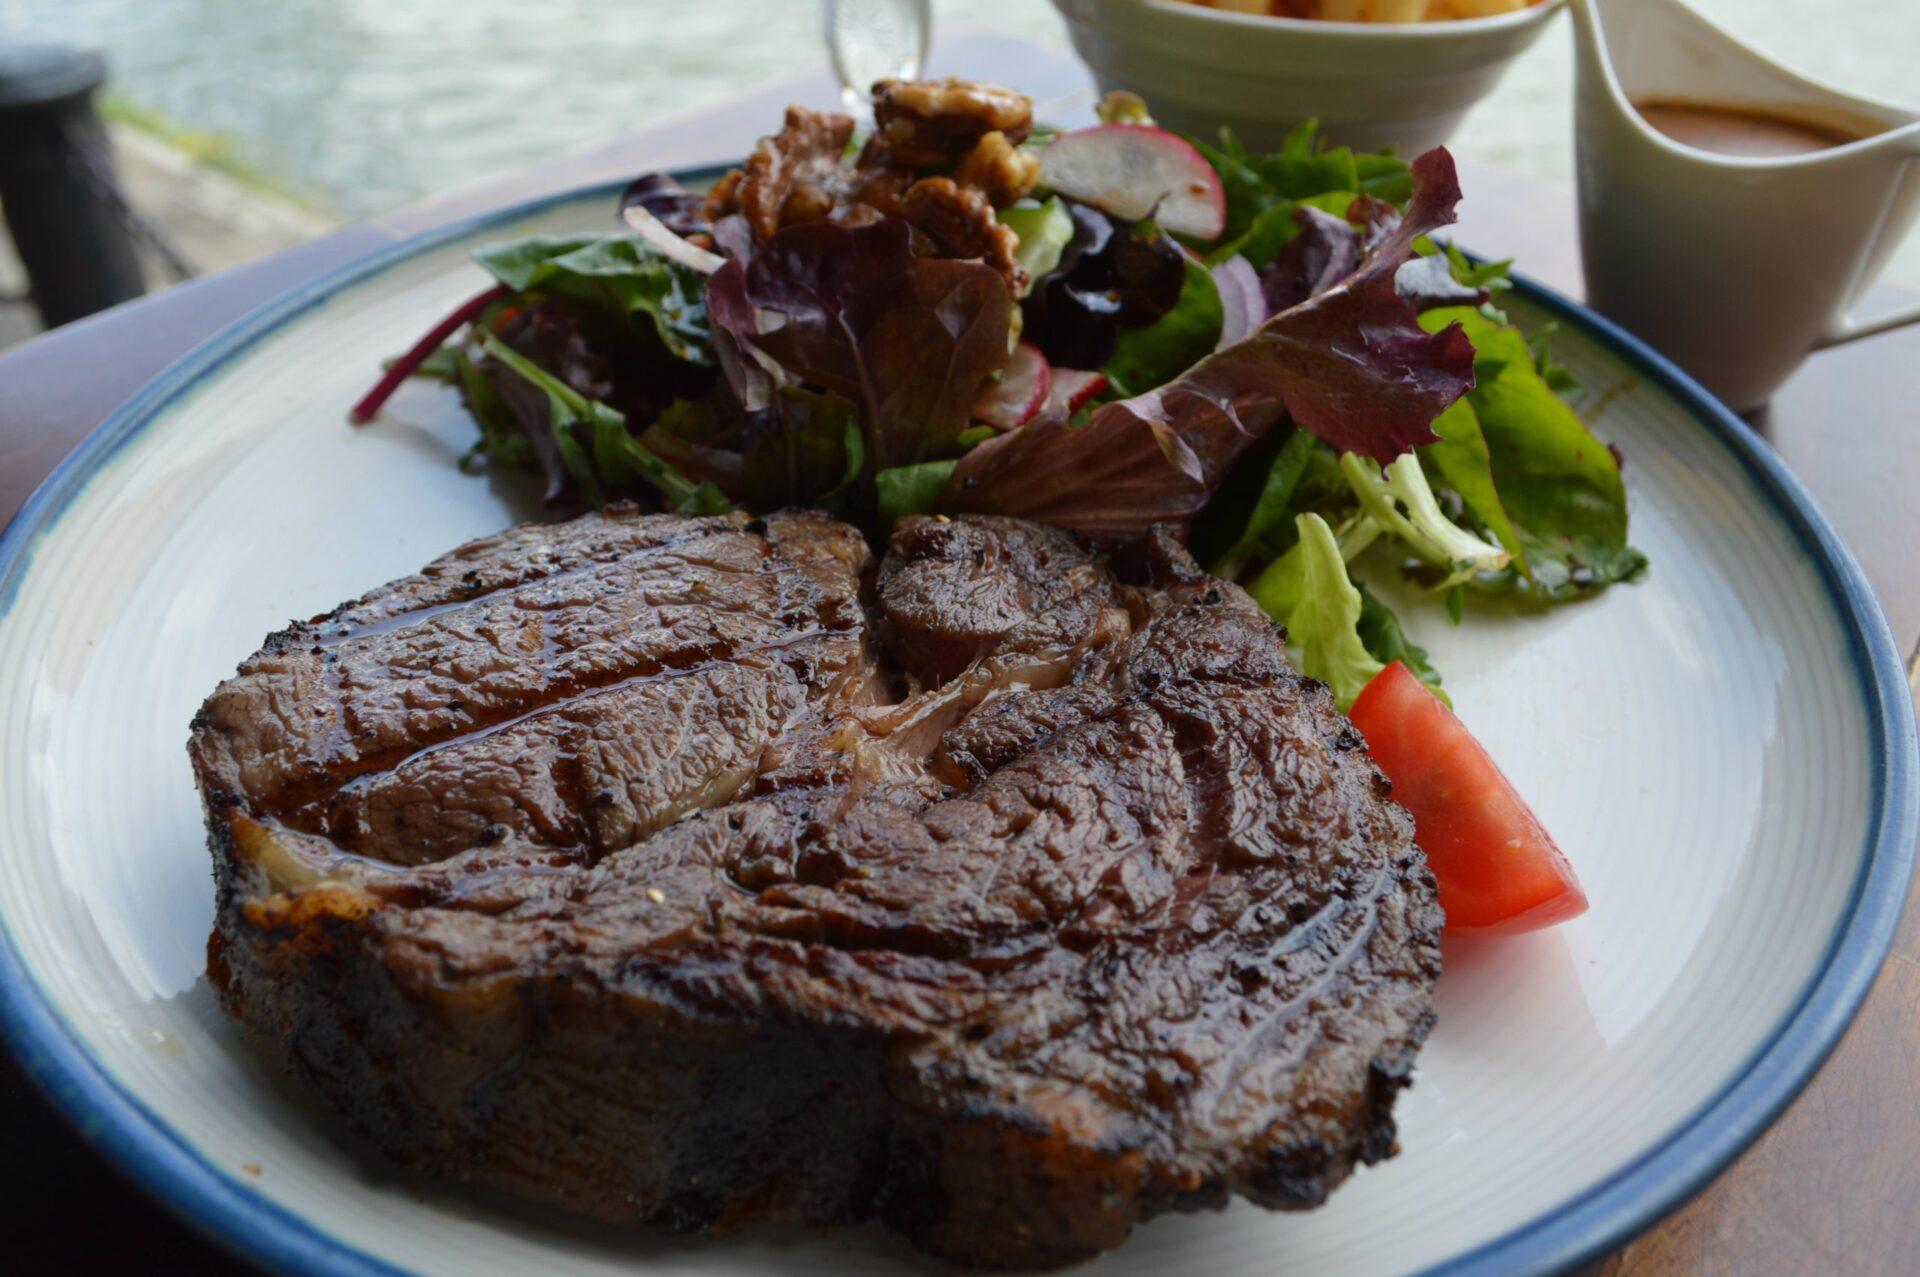 <読者限定ステーキ+ビールが$38>ボートキーの特等席で楽しむ 肉好きにはたまらない満足感100%のステーキ